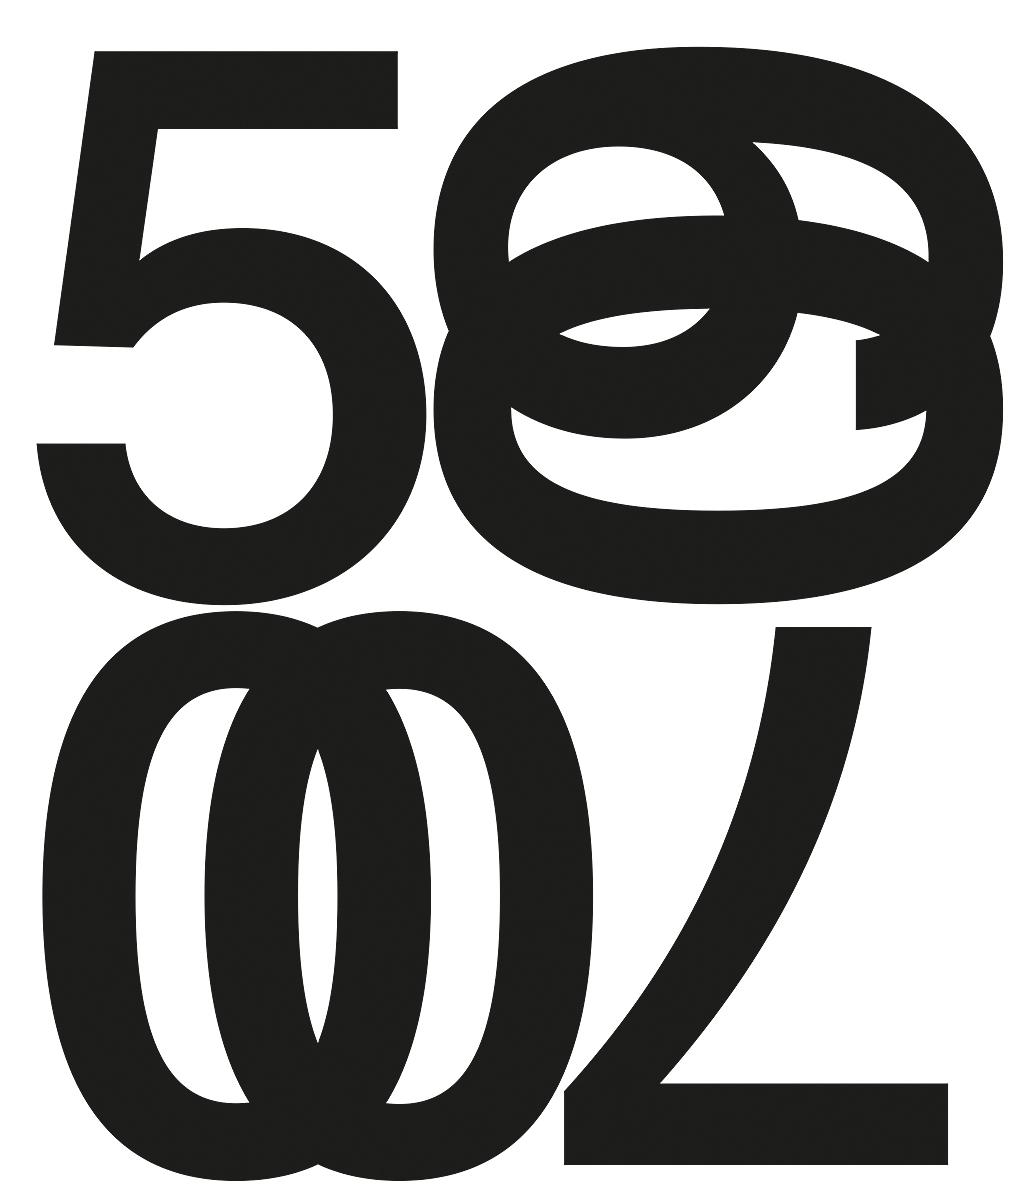 Die Bauten der 50er, 60er und 70er Jahre sind Teil der Identität der Stadt München. In dieser ersten umfassenden Dokumentation zur Münchner Nachkriegsarchitektur untersucht der Autor und Herausgeber Alexander Fthenakis systematisch die gestaltgebenden Einflüsse der Architektur zwischen 1950 und 1979 auf den Stadtraum Münchens.  >>>>